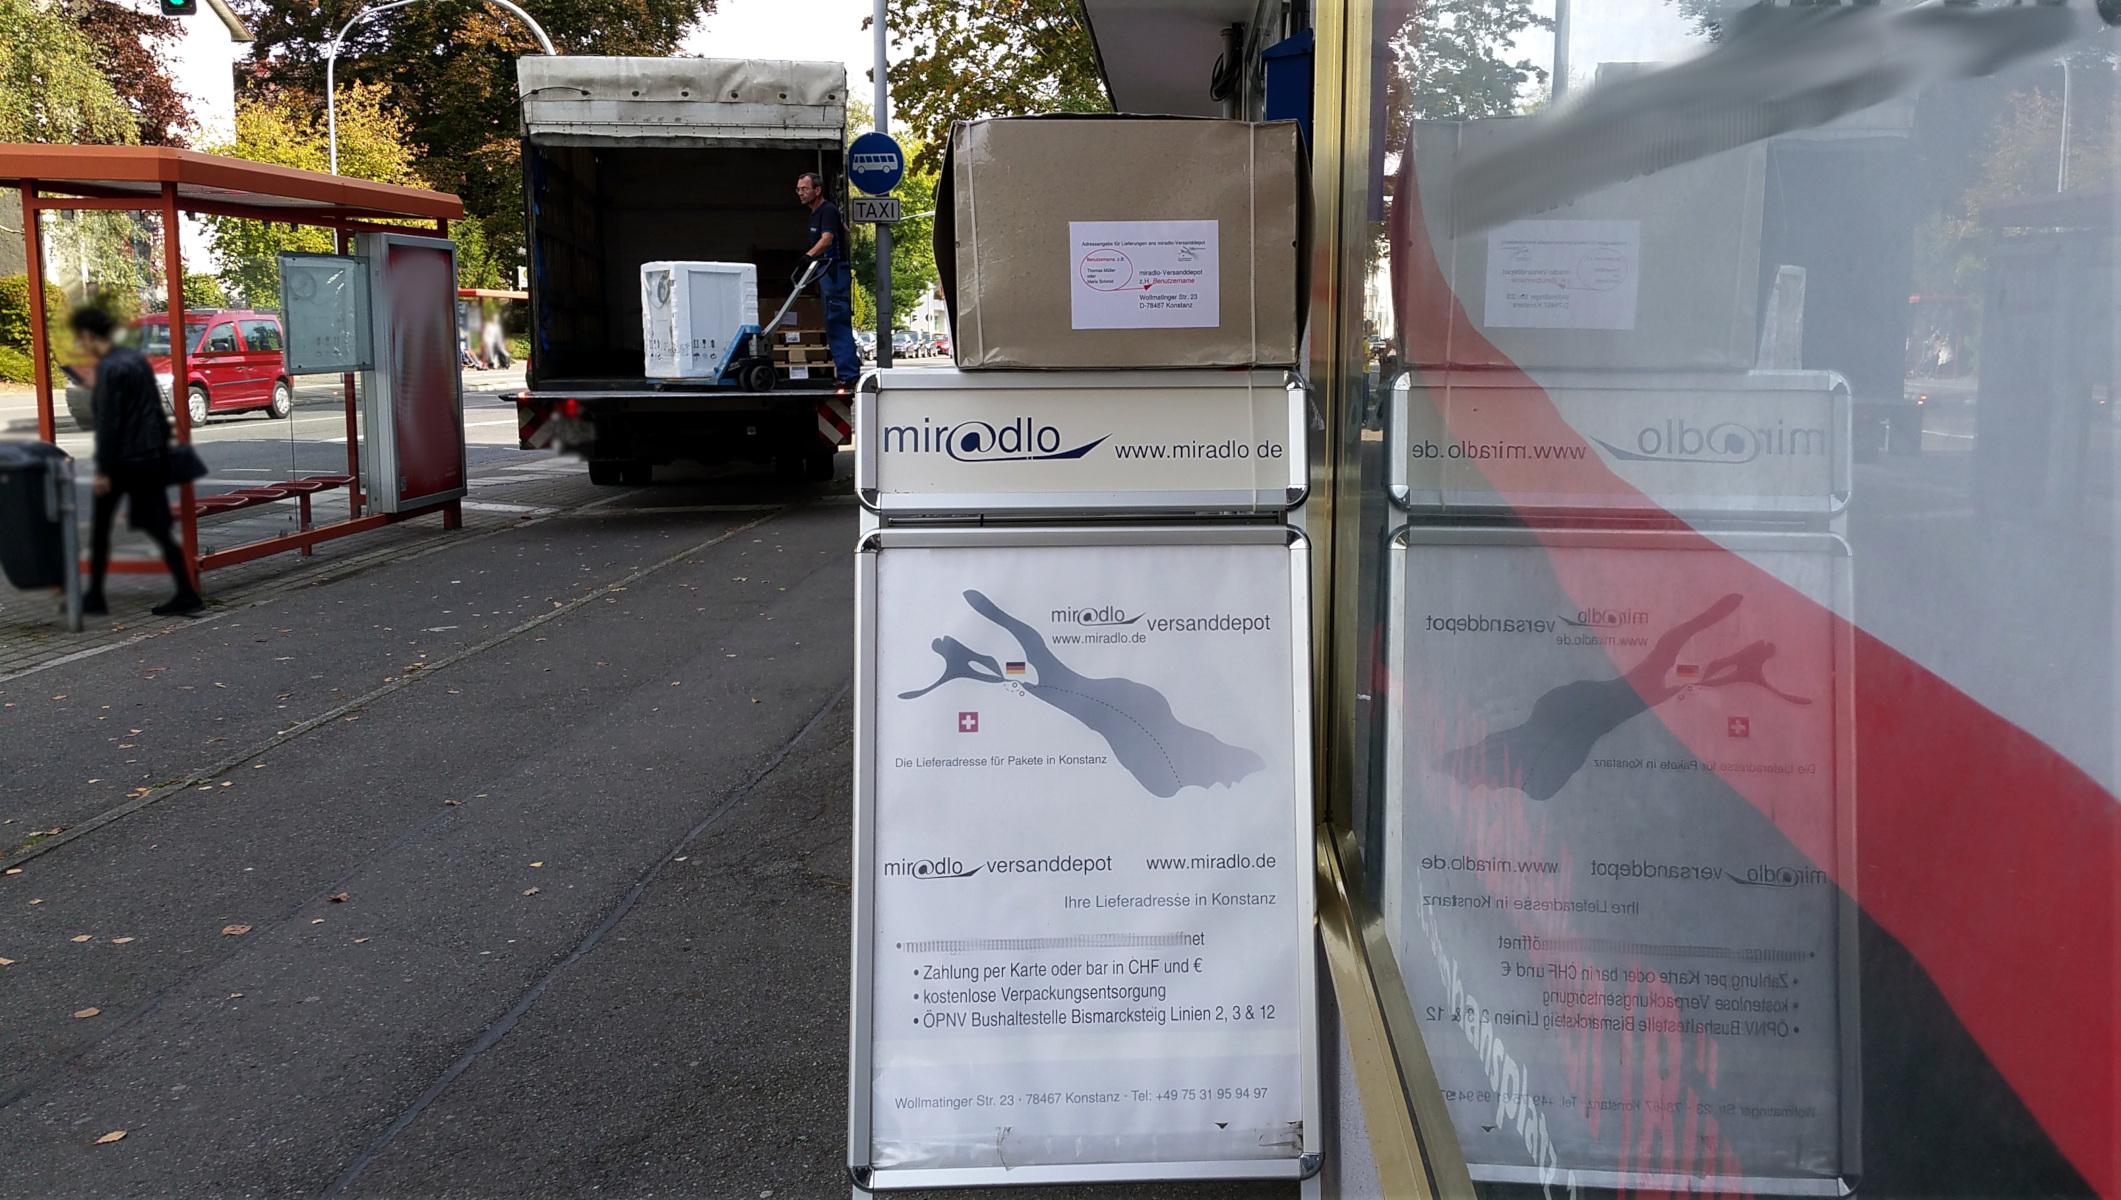 Speditionsanlieferung - miradlo Versanddepot - die Lieferadresse in Konstanz